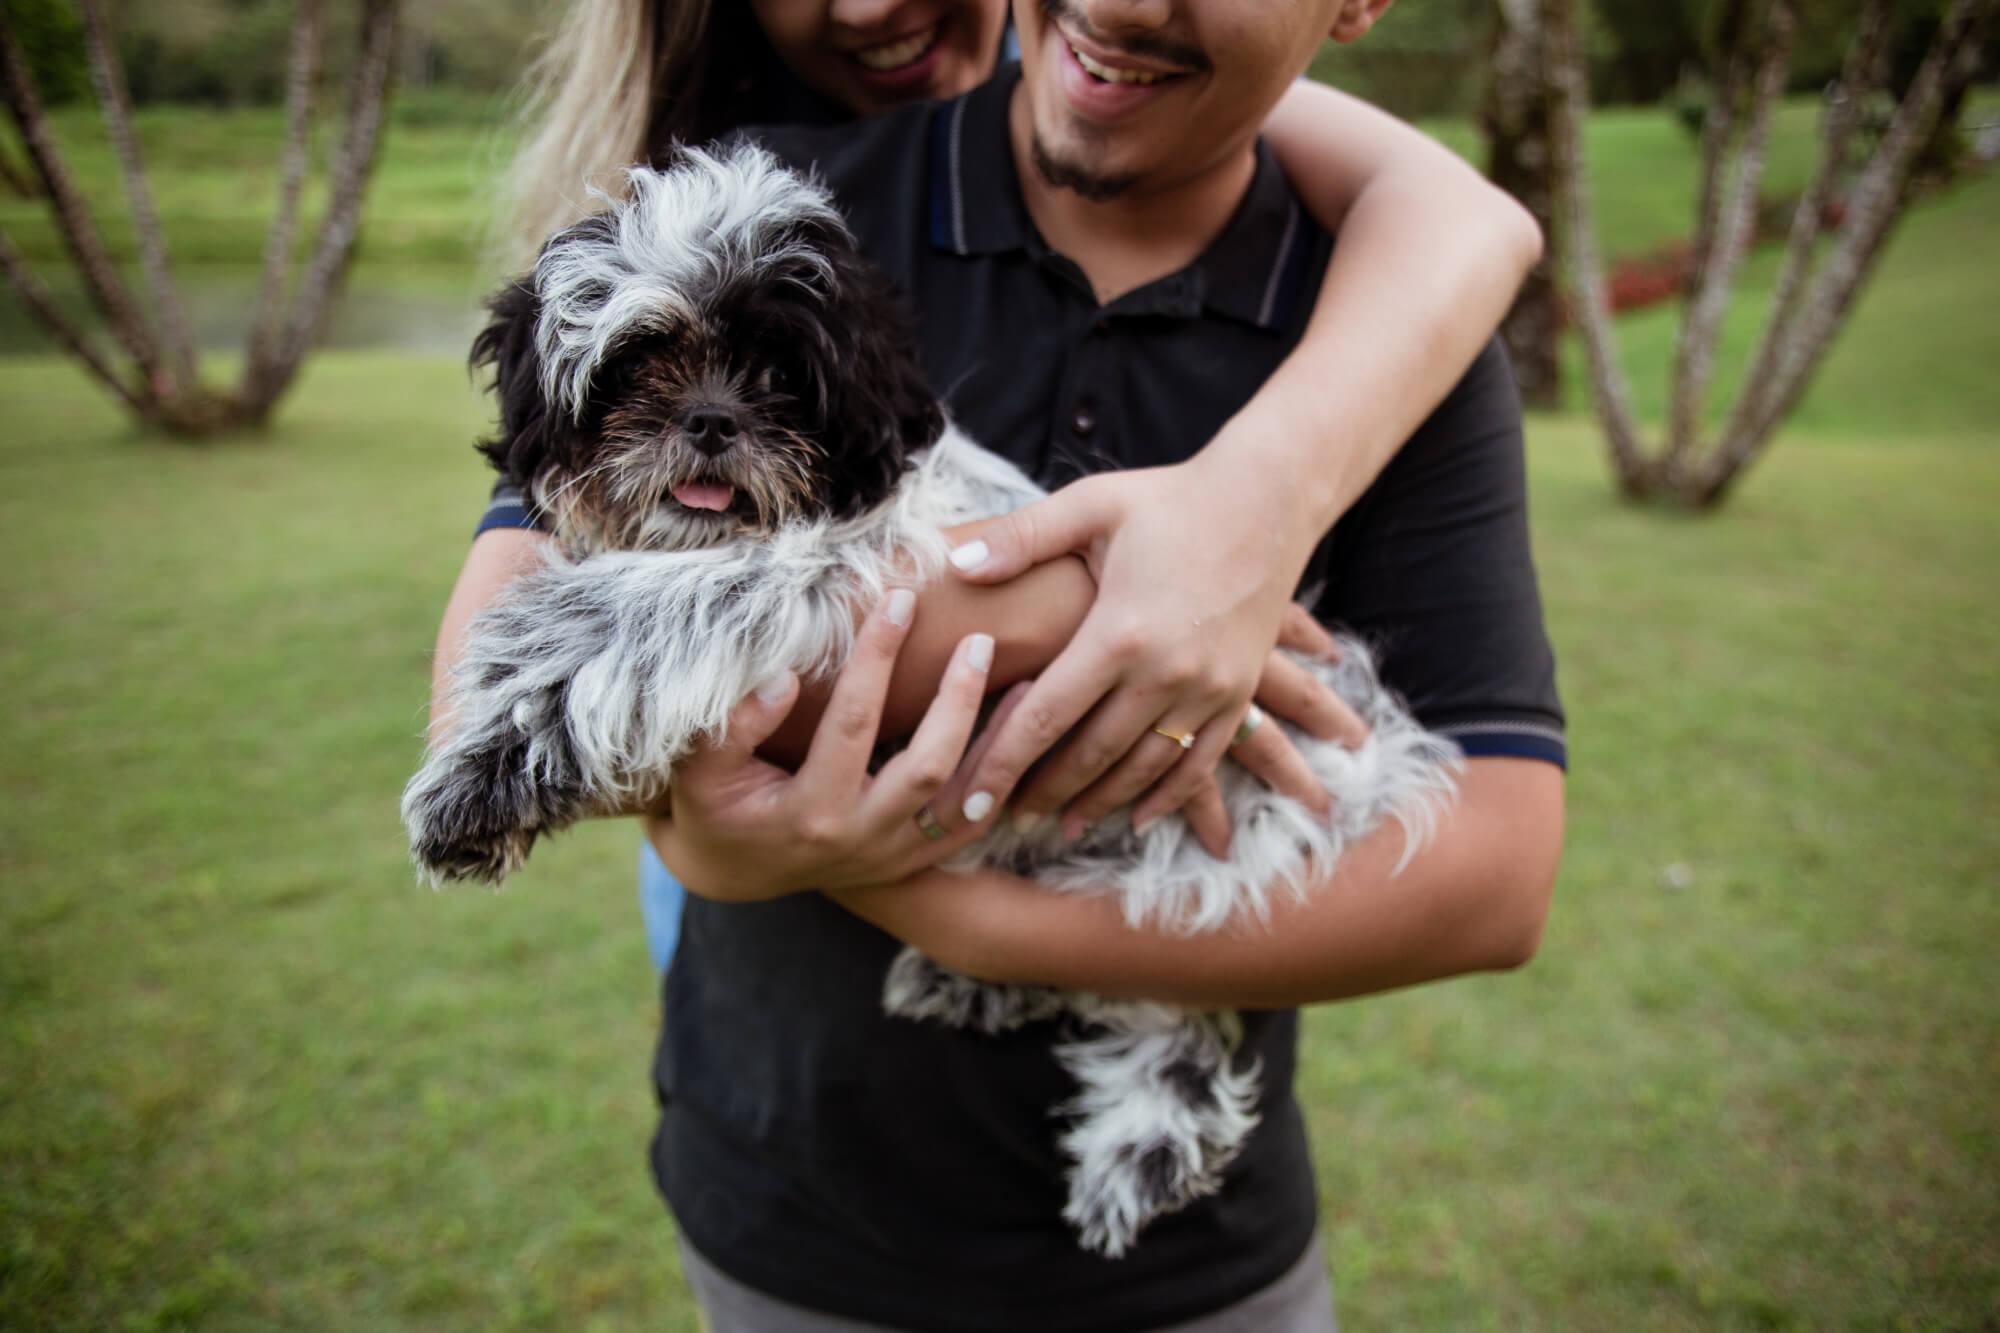 ensaio_casal_com_cachorro